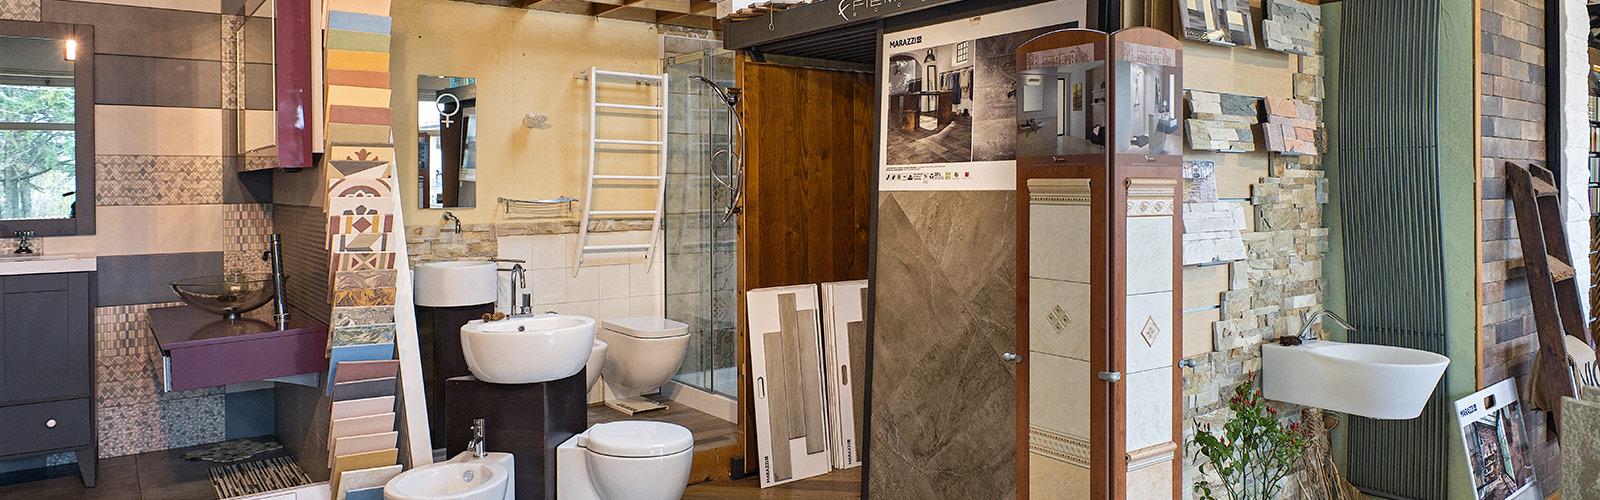 ... vende pavimenti, rivestimenti e arredo bagno delle migliori marche